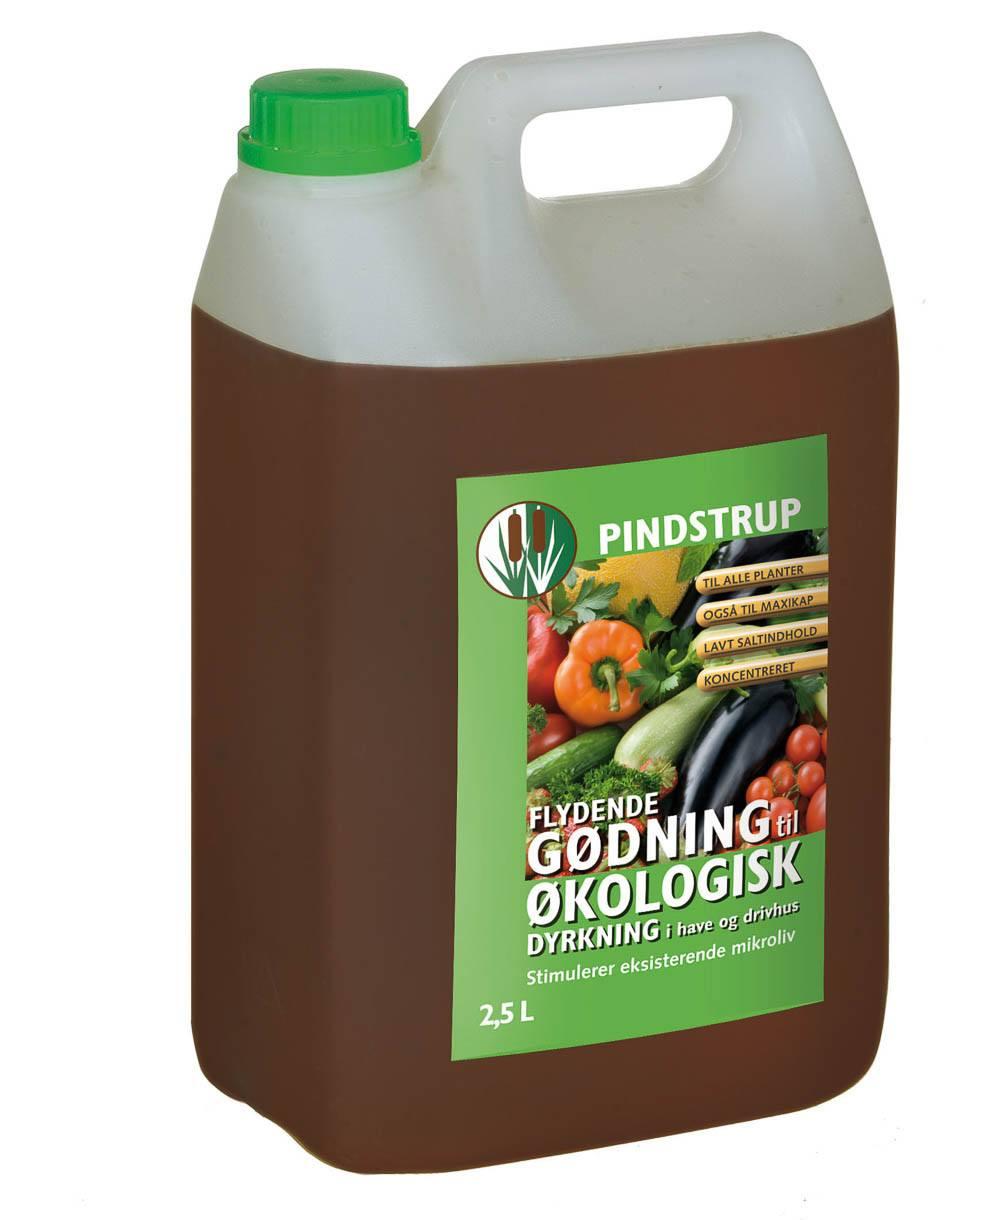 Pindstrup flydende gødning til økologisk dyrkning